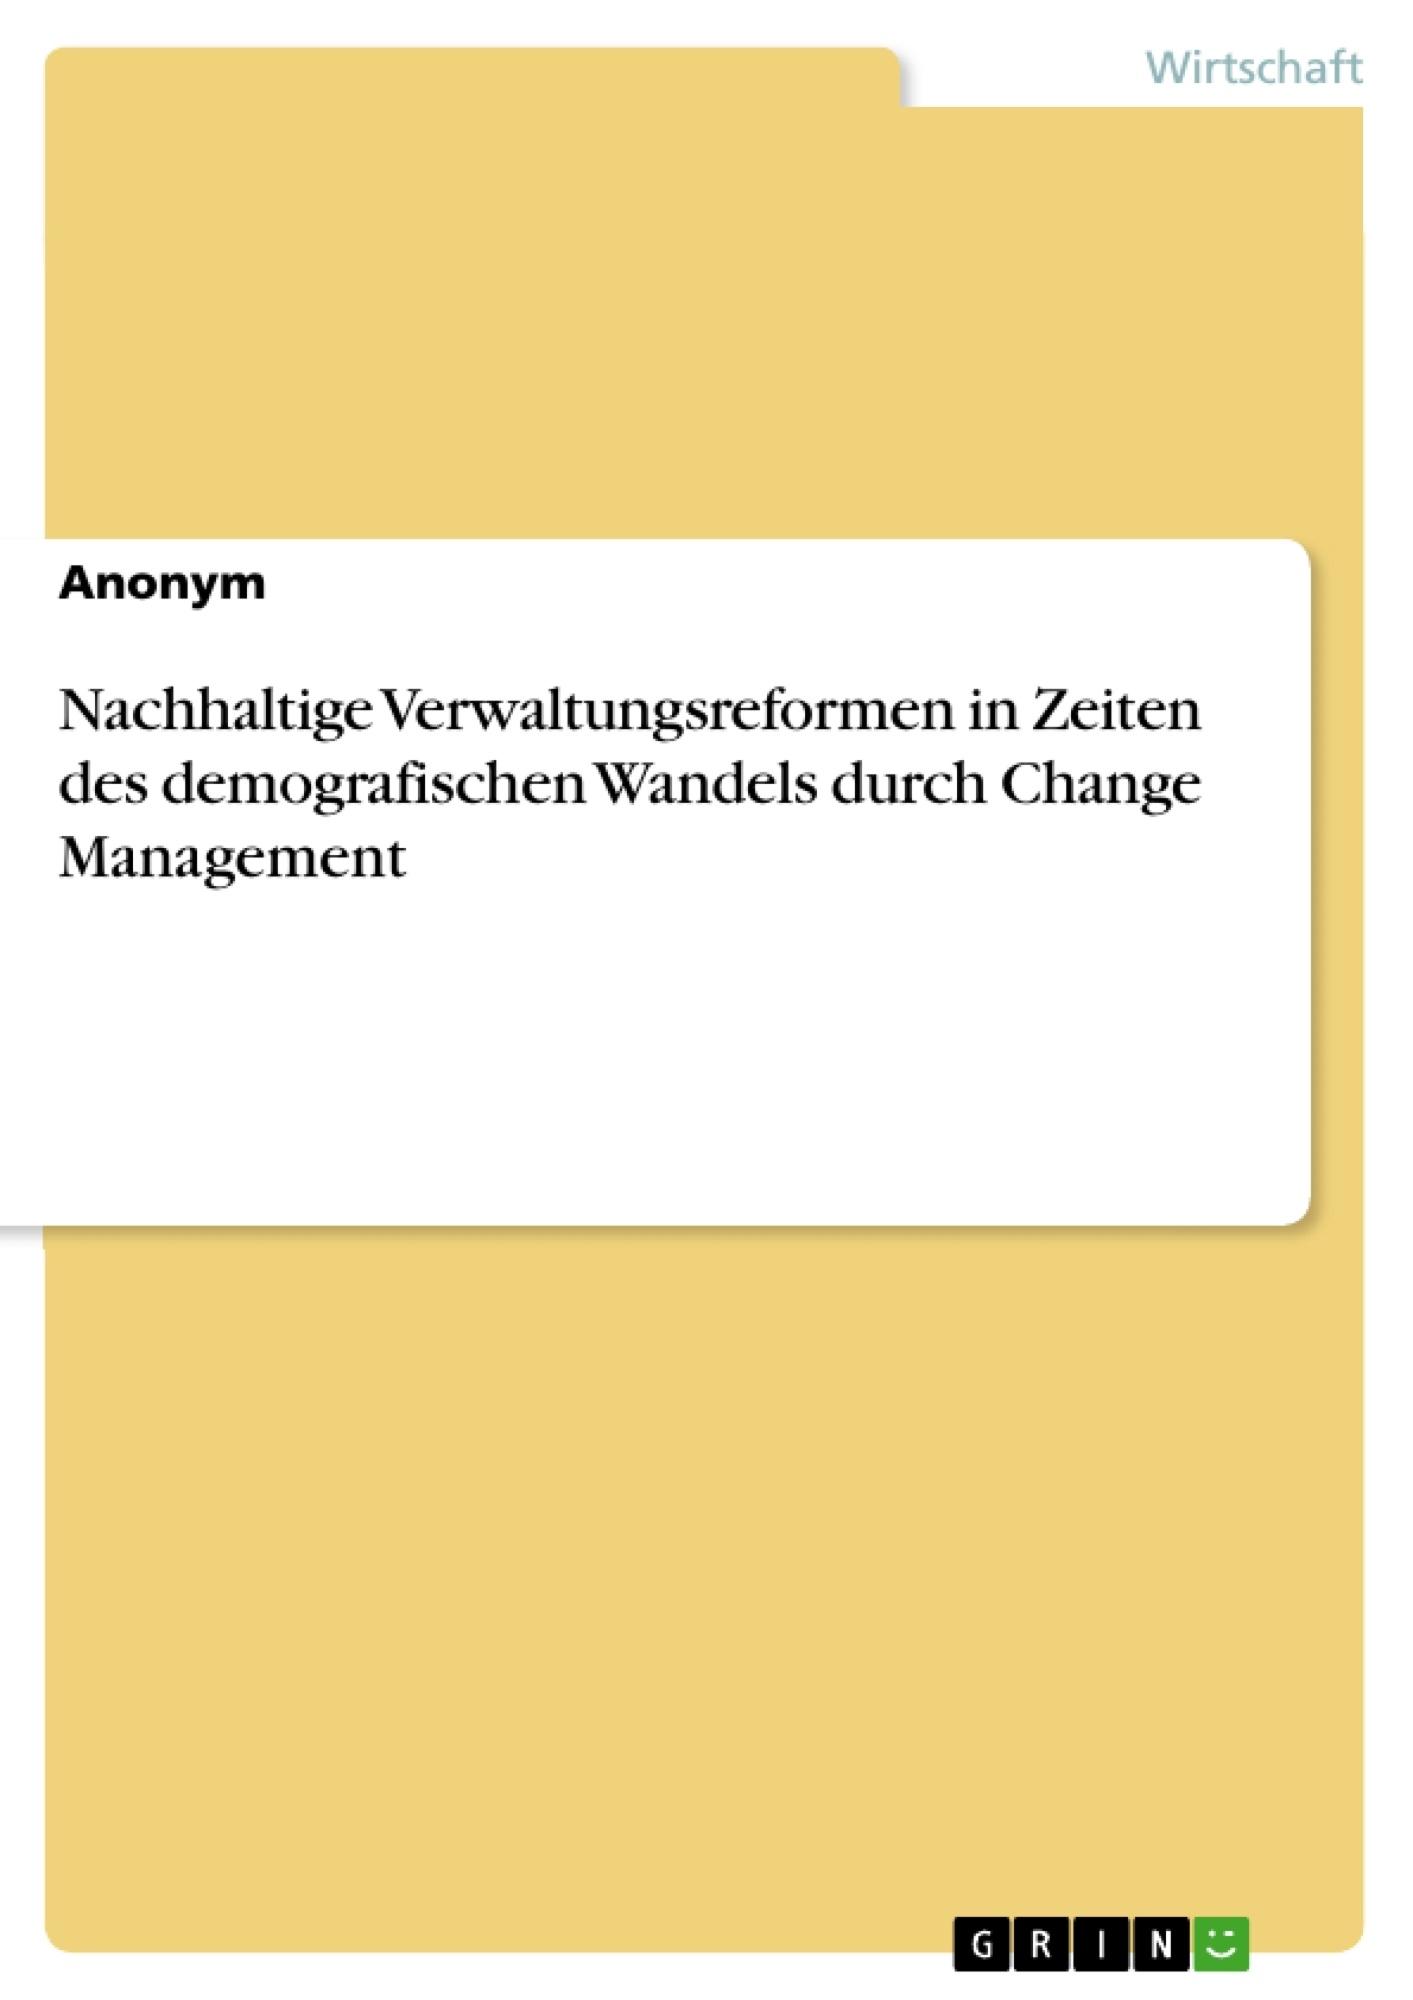 Titel: Nachhaltige Verwaltungsreformen in Zeiten des demografischen Wandels durch Change Management